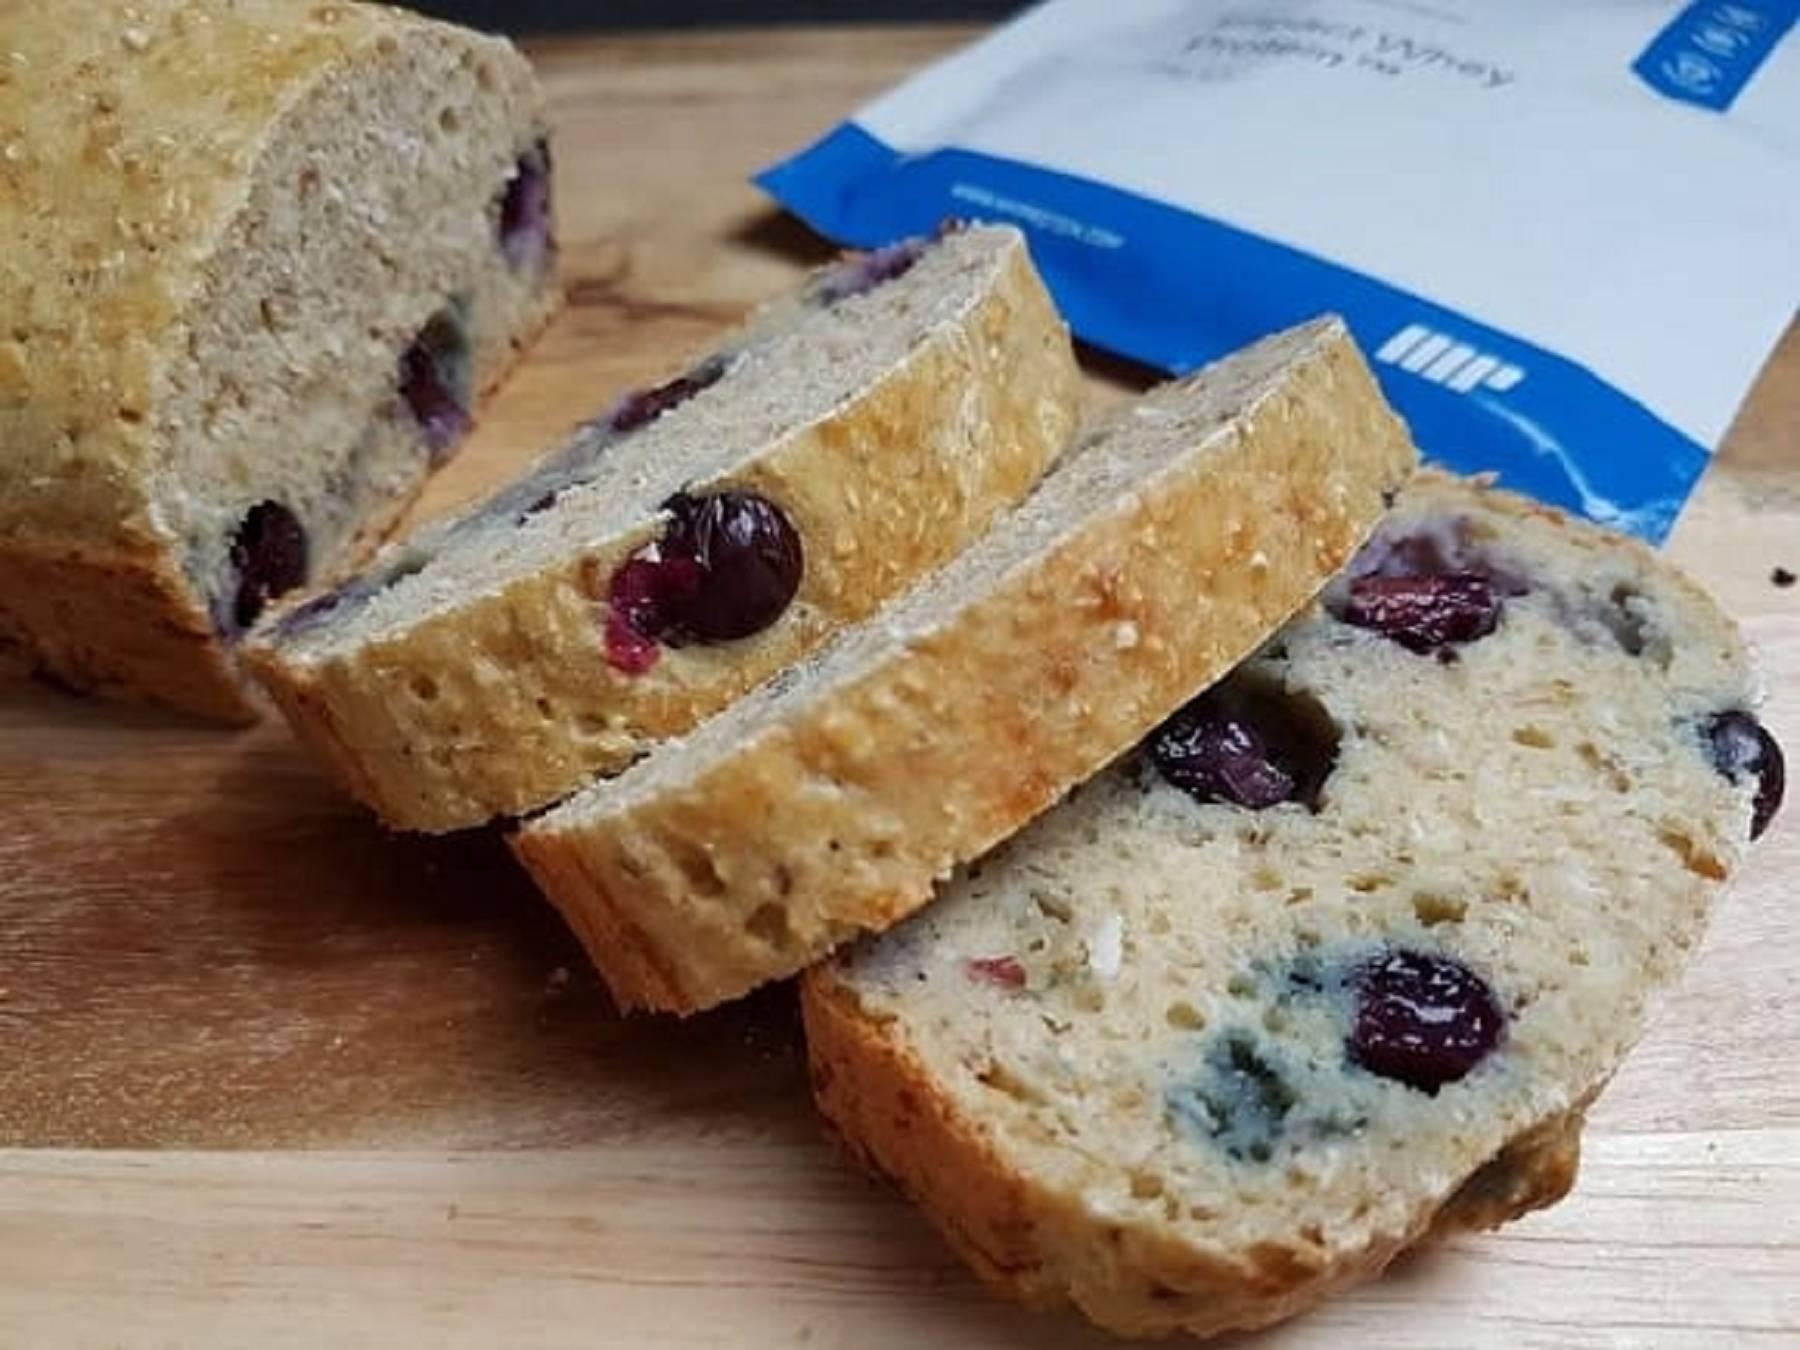 Gesund Backen | Fruchtiger Blaubeer-Kokos Kuchen